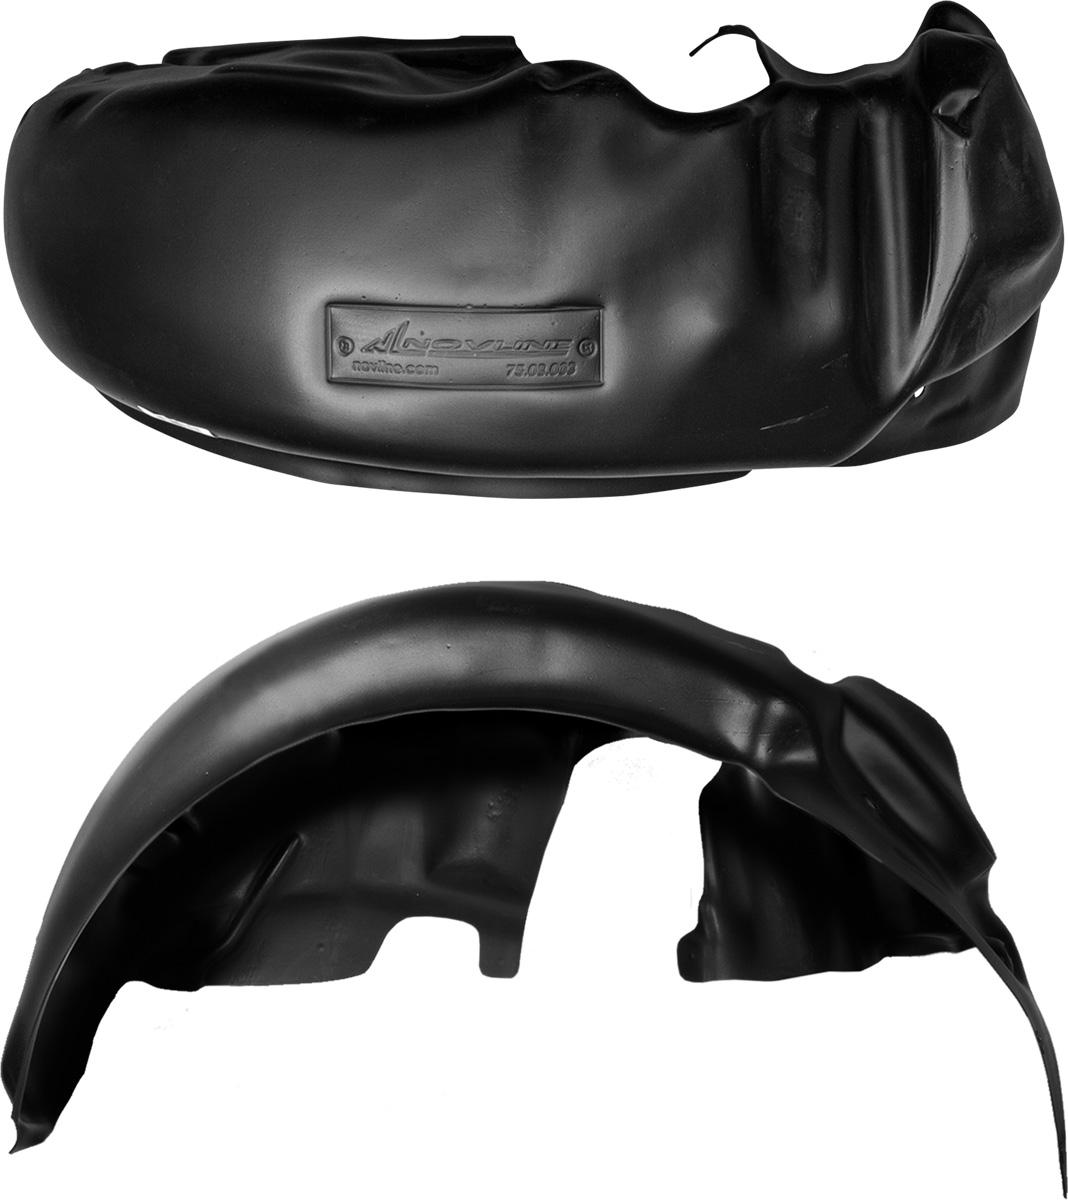 Подкрылок Novline-Autofamily, для Great Wall Hover H3, 2010->, передний правыйNLL.59.09.002Колесные ниши - одни из самых уязвимых зон днища вашего автомобиля. Они постоянно подвергаются воздействию со стороны дороги. Лучшая, почти абсолютная защита для них - специально отформованные пластиковые кожухи, которые называются подкрылками. Производятся они как для отечественных моделей автомобилей, так и для иномарок. Подкрылки Novline-Autofamily выполнены из высококачественного, экологически чистого пластика. Обеспечивают надежную защиту кузова автомобиля от пескоструйного эффекта и негативного влияния, агрессивных антигололедных реагентов. Пластик обладает более низкой теплопроводностью, чем металл, поэтому в зимний период эксплуатации использование пластиковых подкрылков позволяет лучше защитить колесные ниши от налипания снега и образования наледи. Оригинальность конструкции подчеркивает элегантность автомобиля, бережно защищает нанесенное на днище кузова антикоррозийное покрытие и позволяет осуществить крепление подкрылков внутри колесной арки практически без дополнительного крепежа и сверления, не нарушая при этом лакокрасочного покрытия, что предотвращает возникновение новых очагов коррозии. Подкрылки долговечны, обладают высокой прочностью и сохраняют заданную форму, а также все свои физико-механические характеристики в самых тяжелых климатических условиях (от -50°С до +50°С).Уважаемые клиенты!Обращаем ваше внимание, на тот факт, что подкрылок имеет форму, соответствующую модели данного автомобиля. Фото служит для визуального восприятия товара.